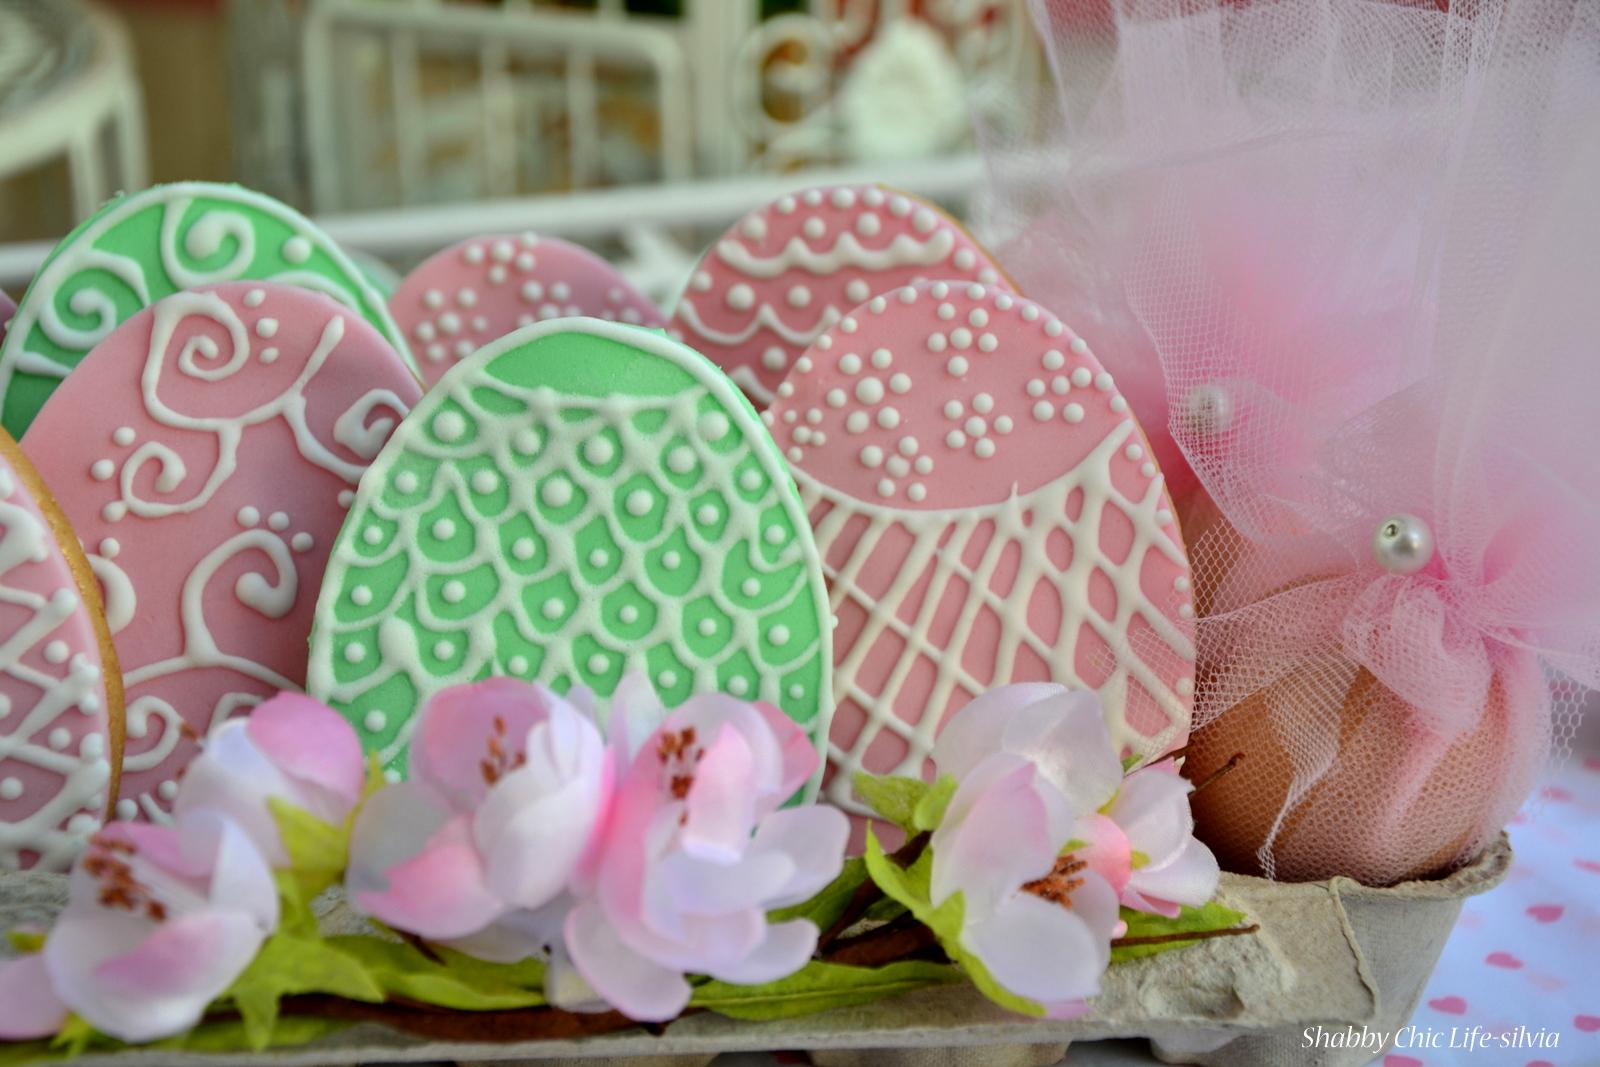 Shabbychiclife festa di primavera uova di pasqua for Decorazioni zucchero a velo